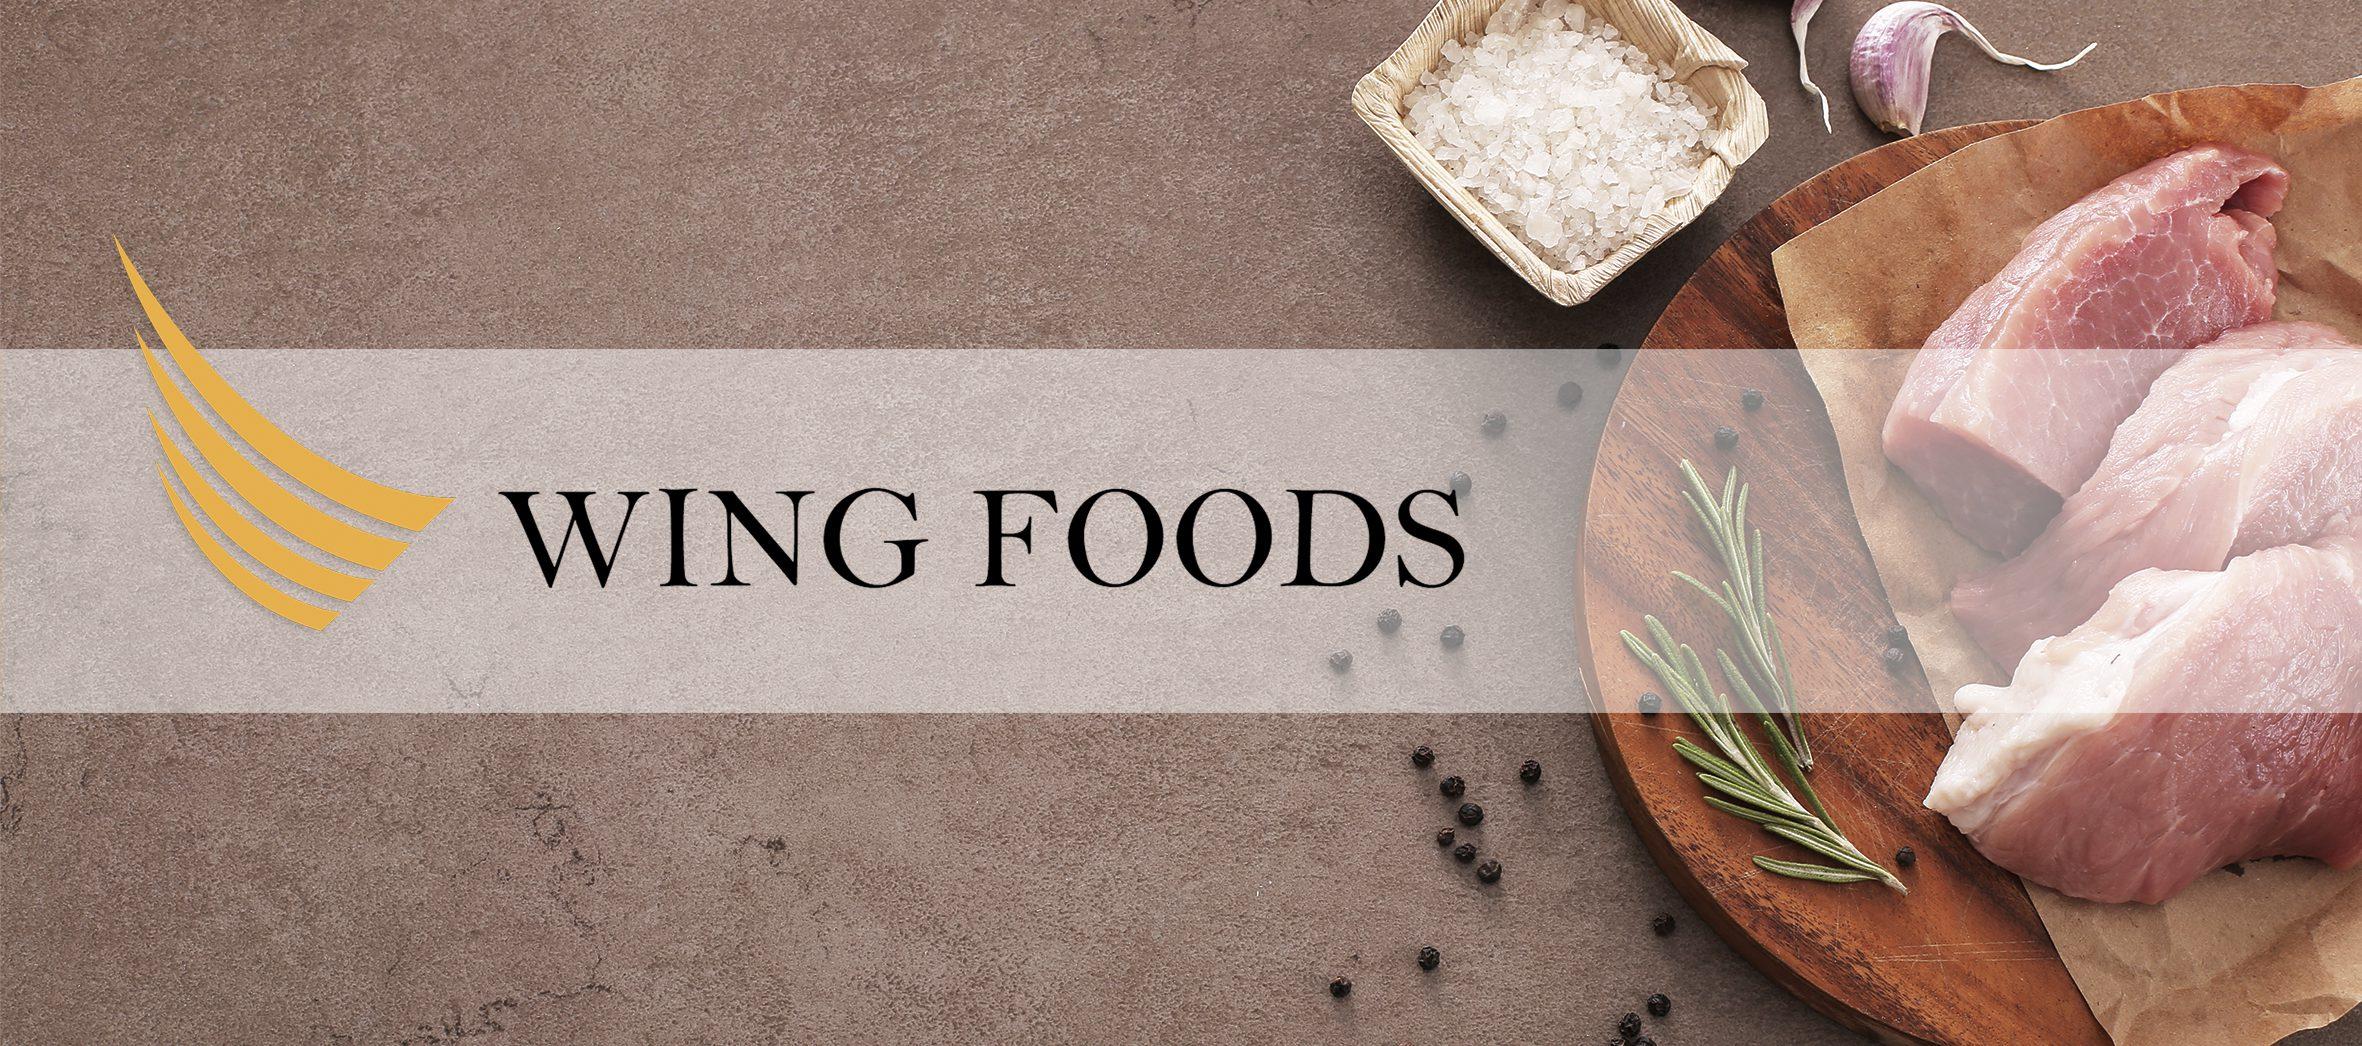 Wingfoods